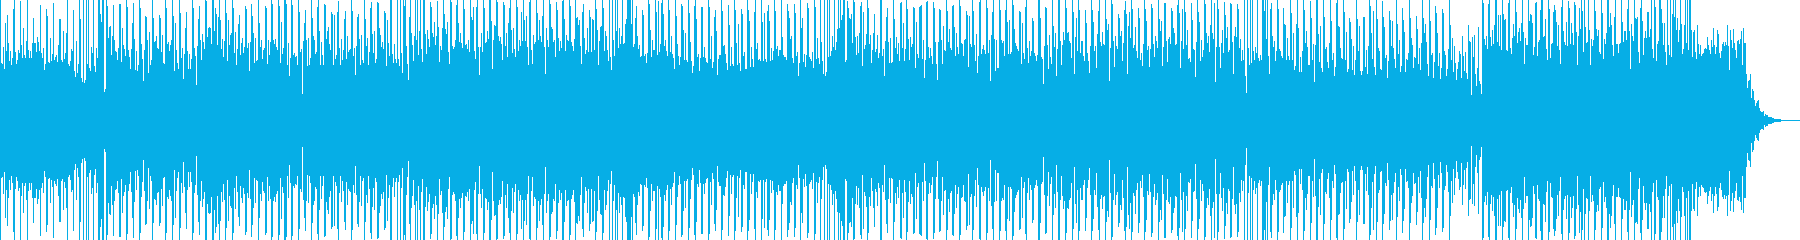 おしゃれで切ない感じのポップスの再生済みの波形